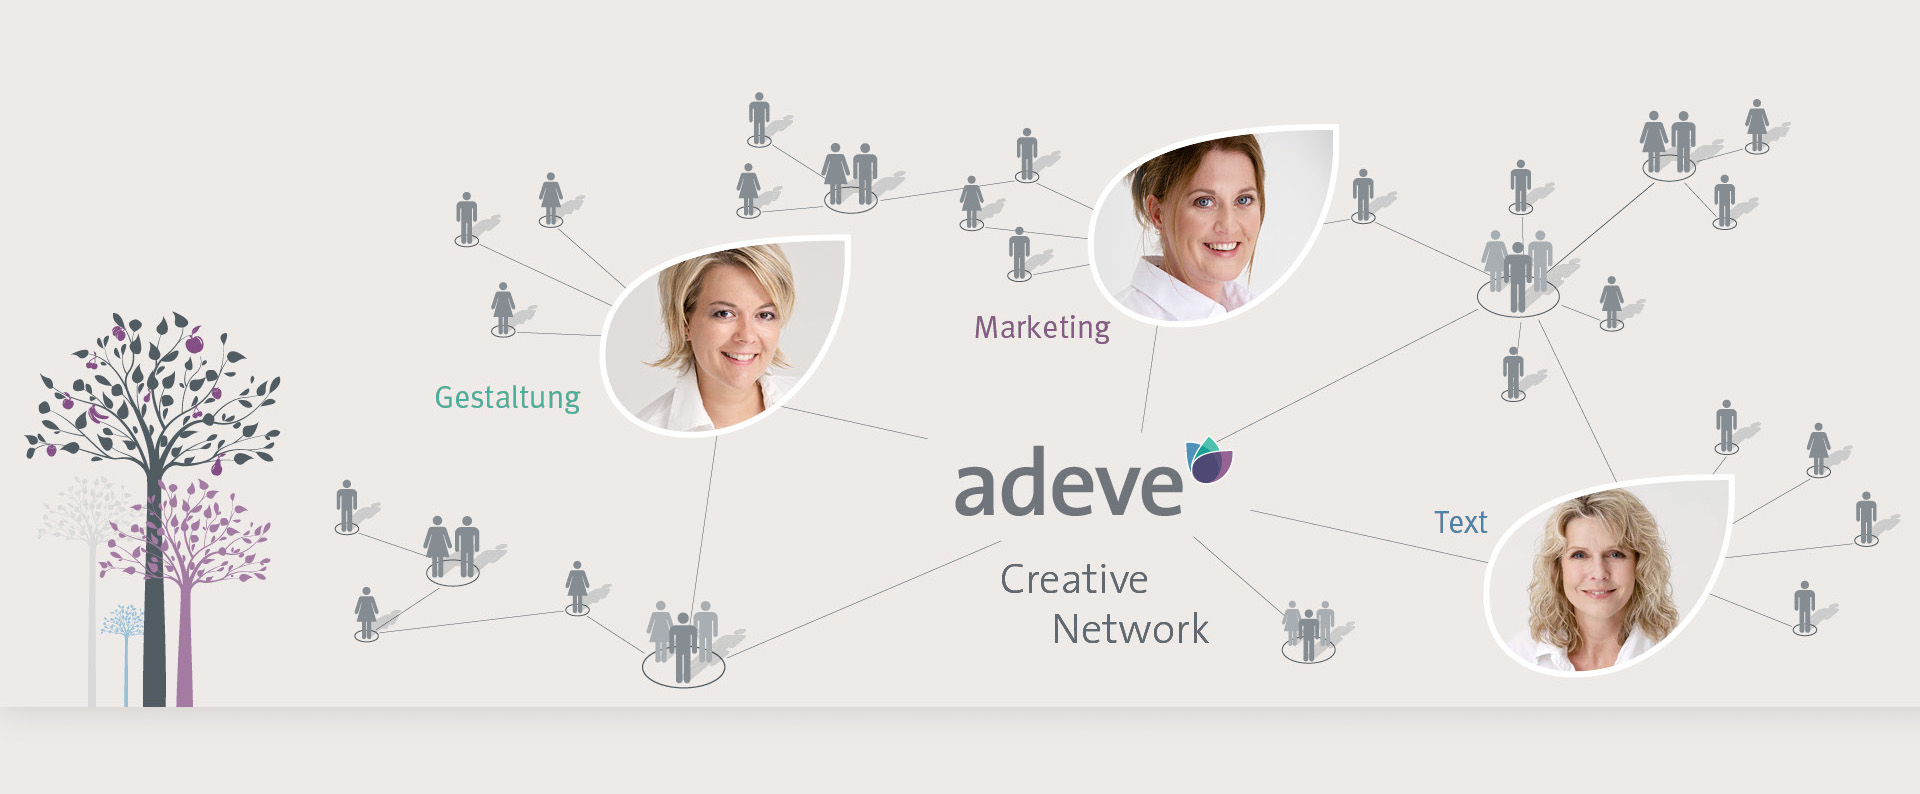 Marketing-Netzwerk